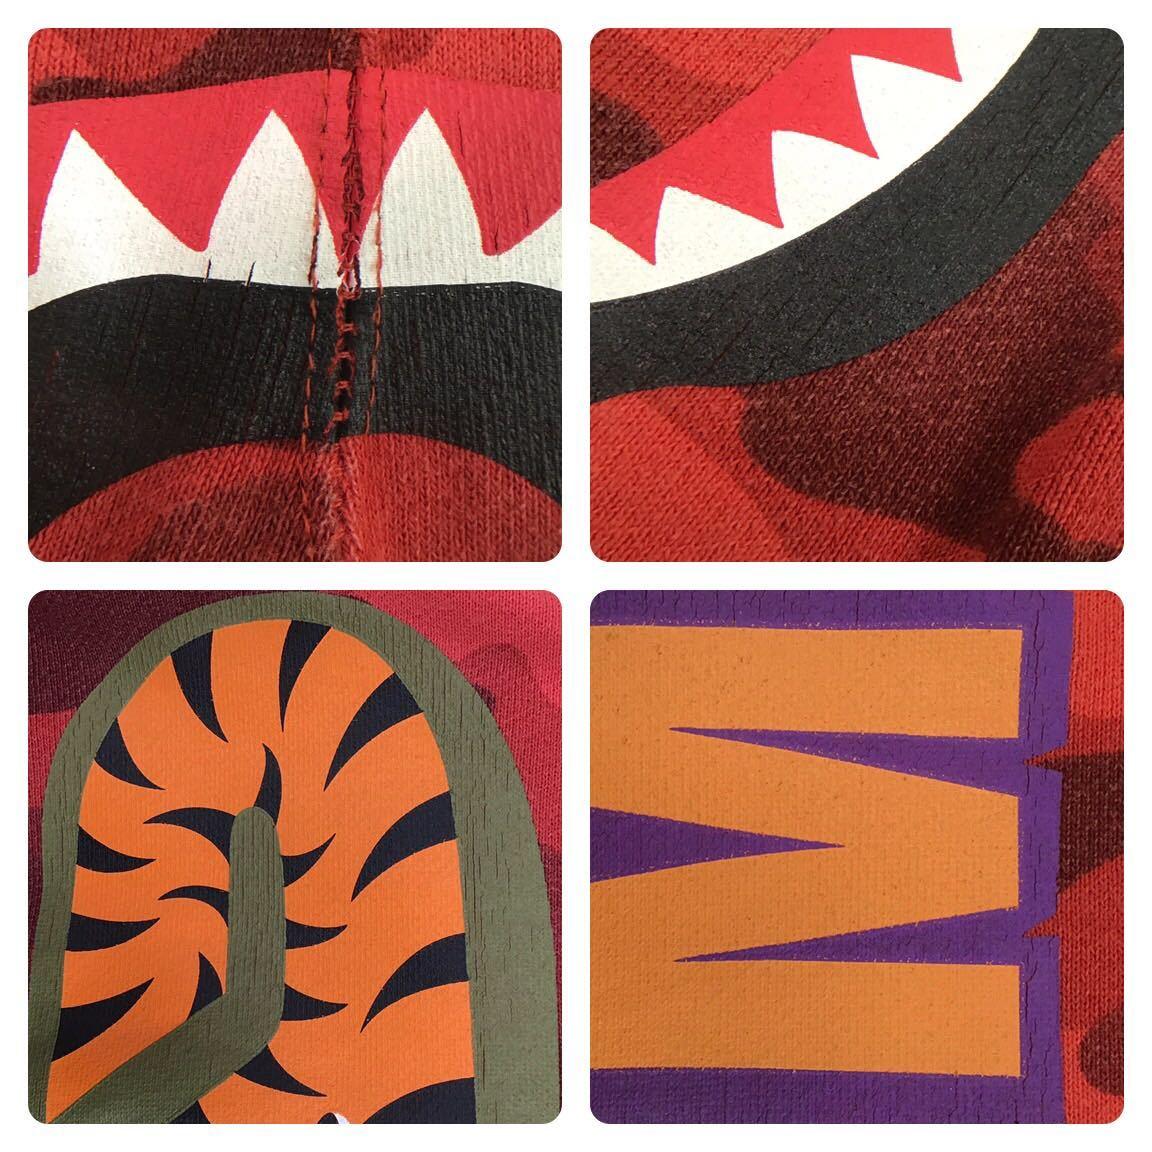 red camo シャーク ハーフパンツ Mサイズ a bathing ape BAPE shark shorts ショーツ エイプ ベイプ レッドカモ 迷彩 8089